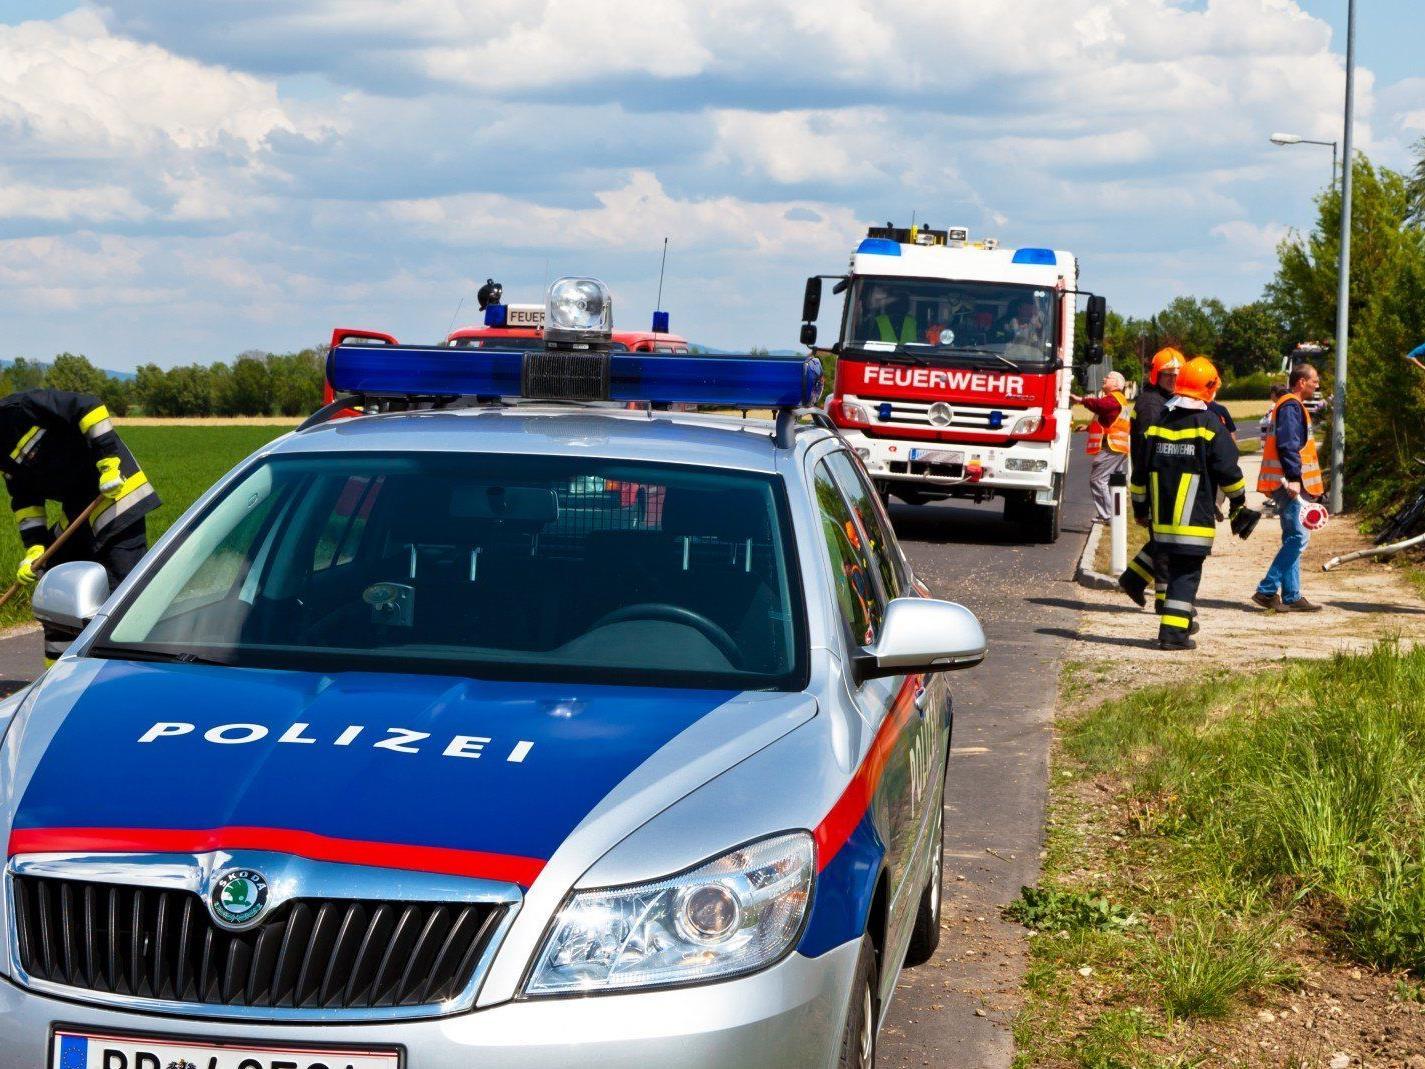 Polizei: Keine Szene für Straßenrennen im Land - Vorarlberg -- VOL.AT